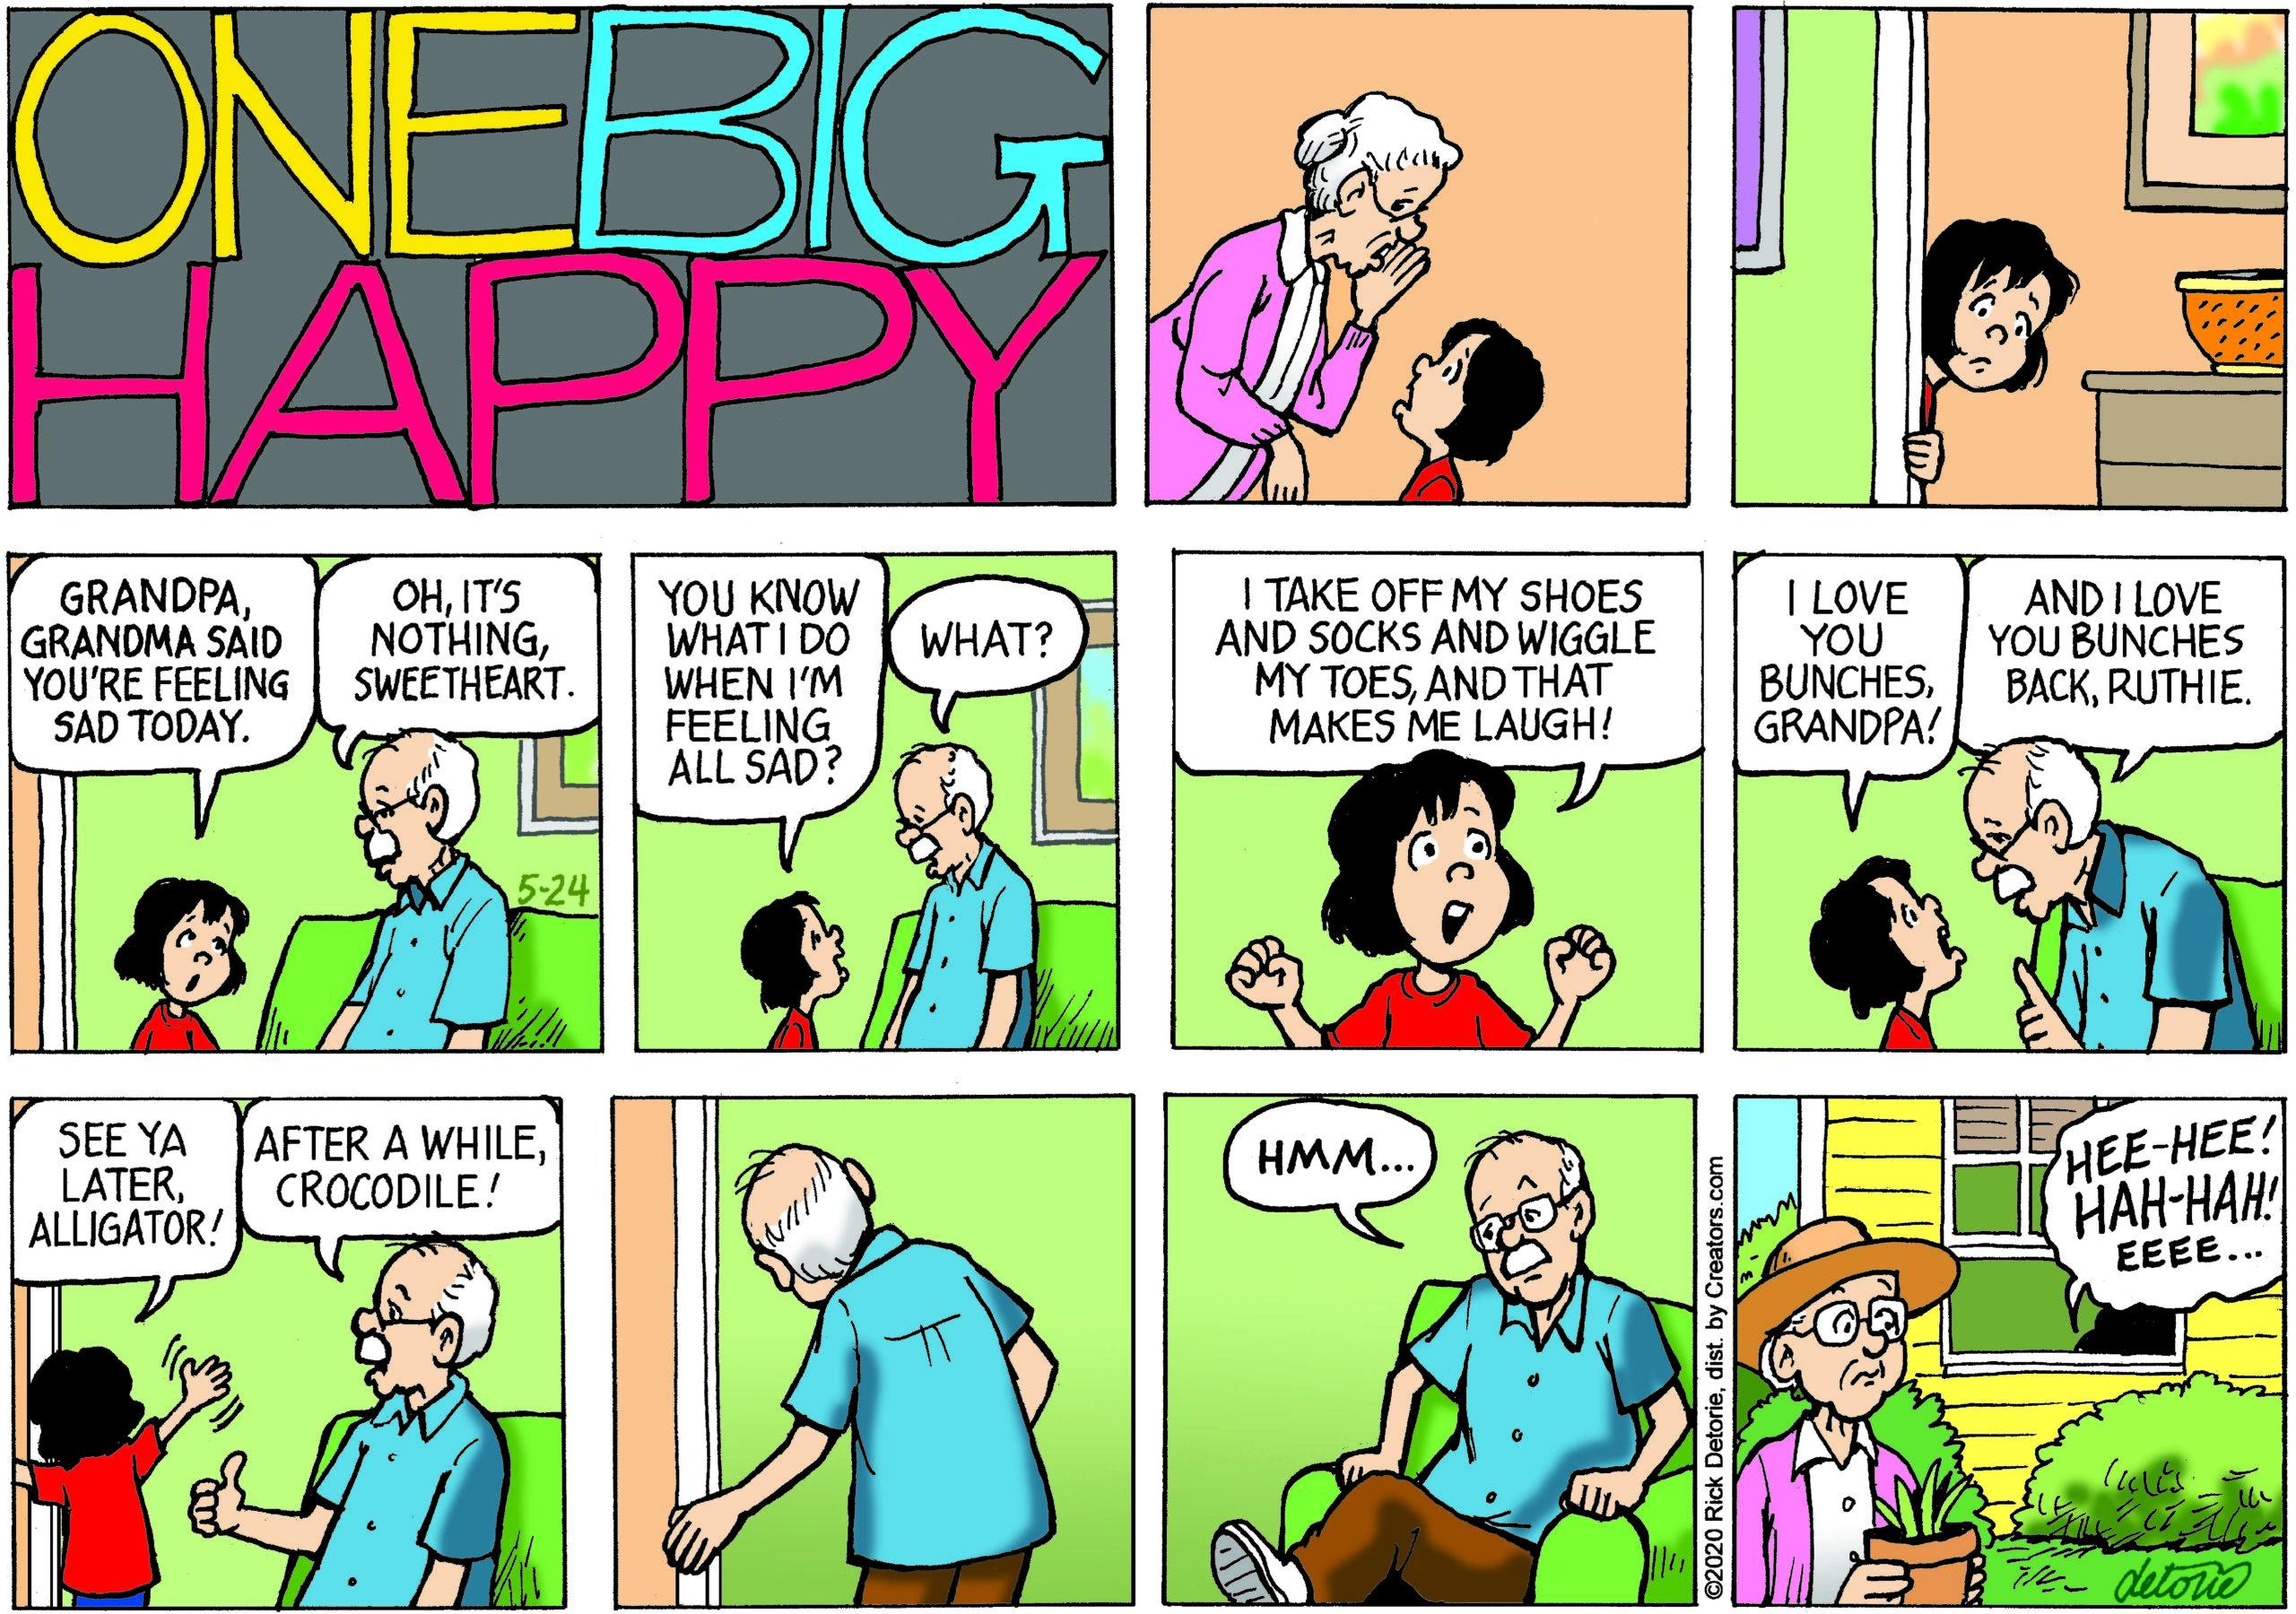 One Big Happy – 5/24/20